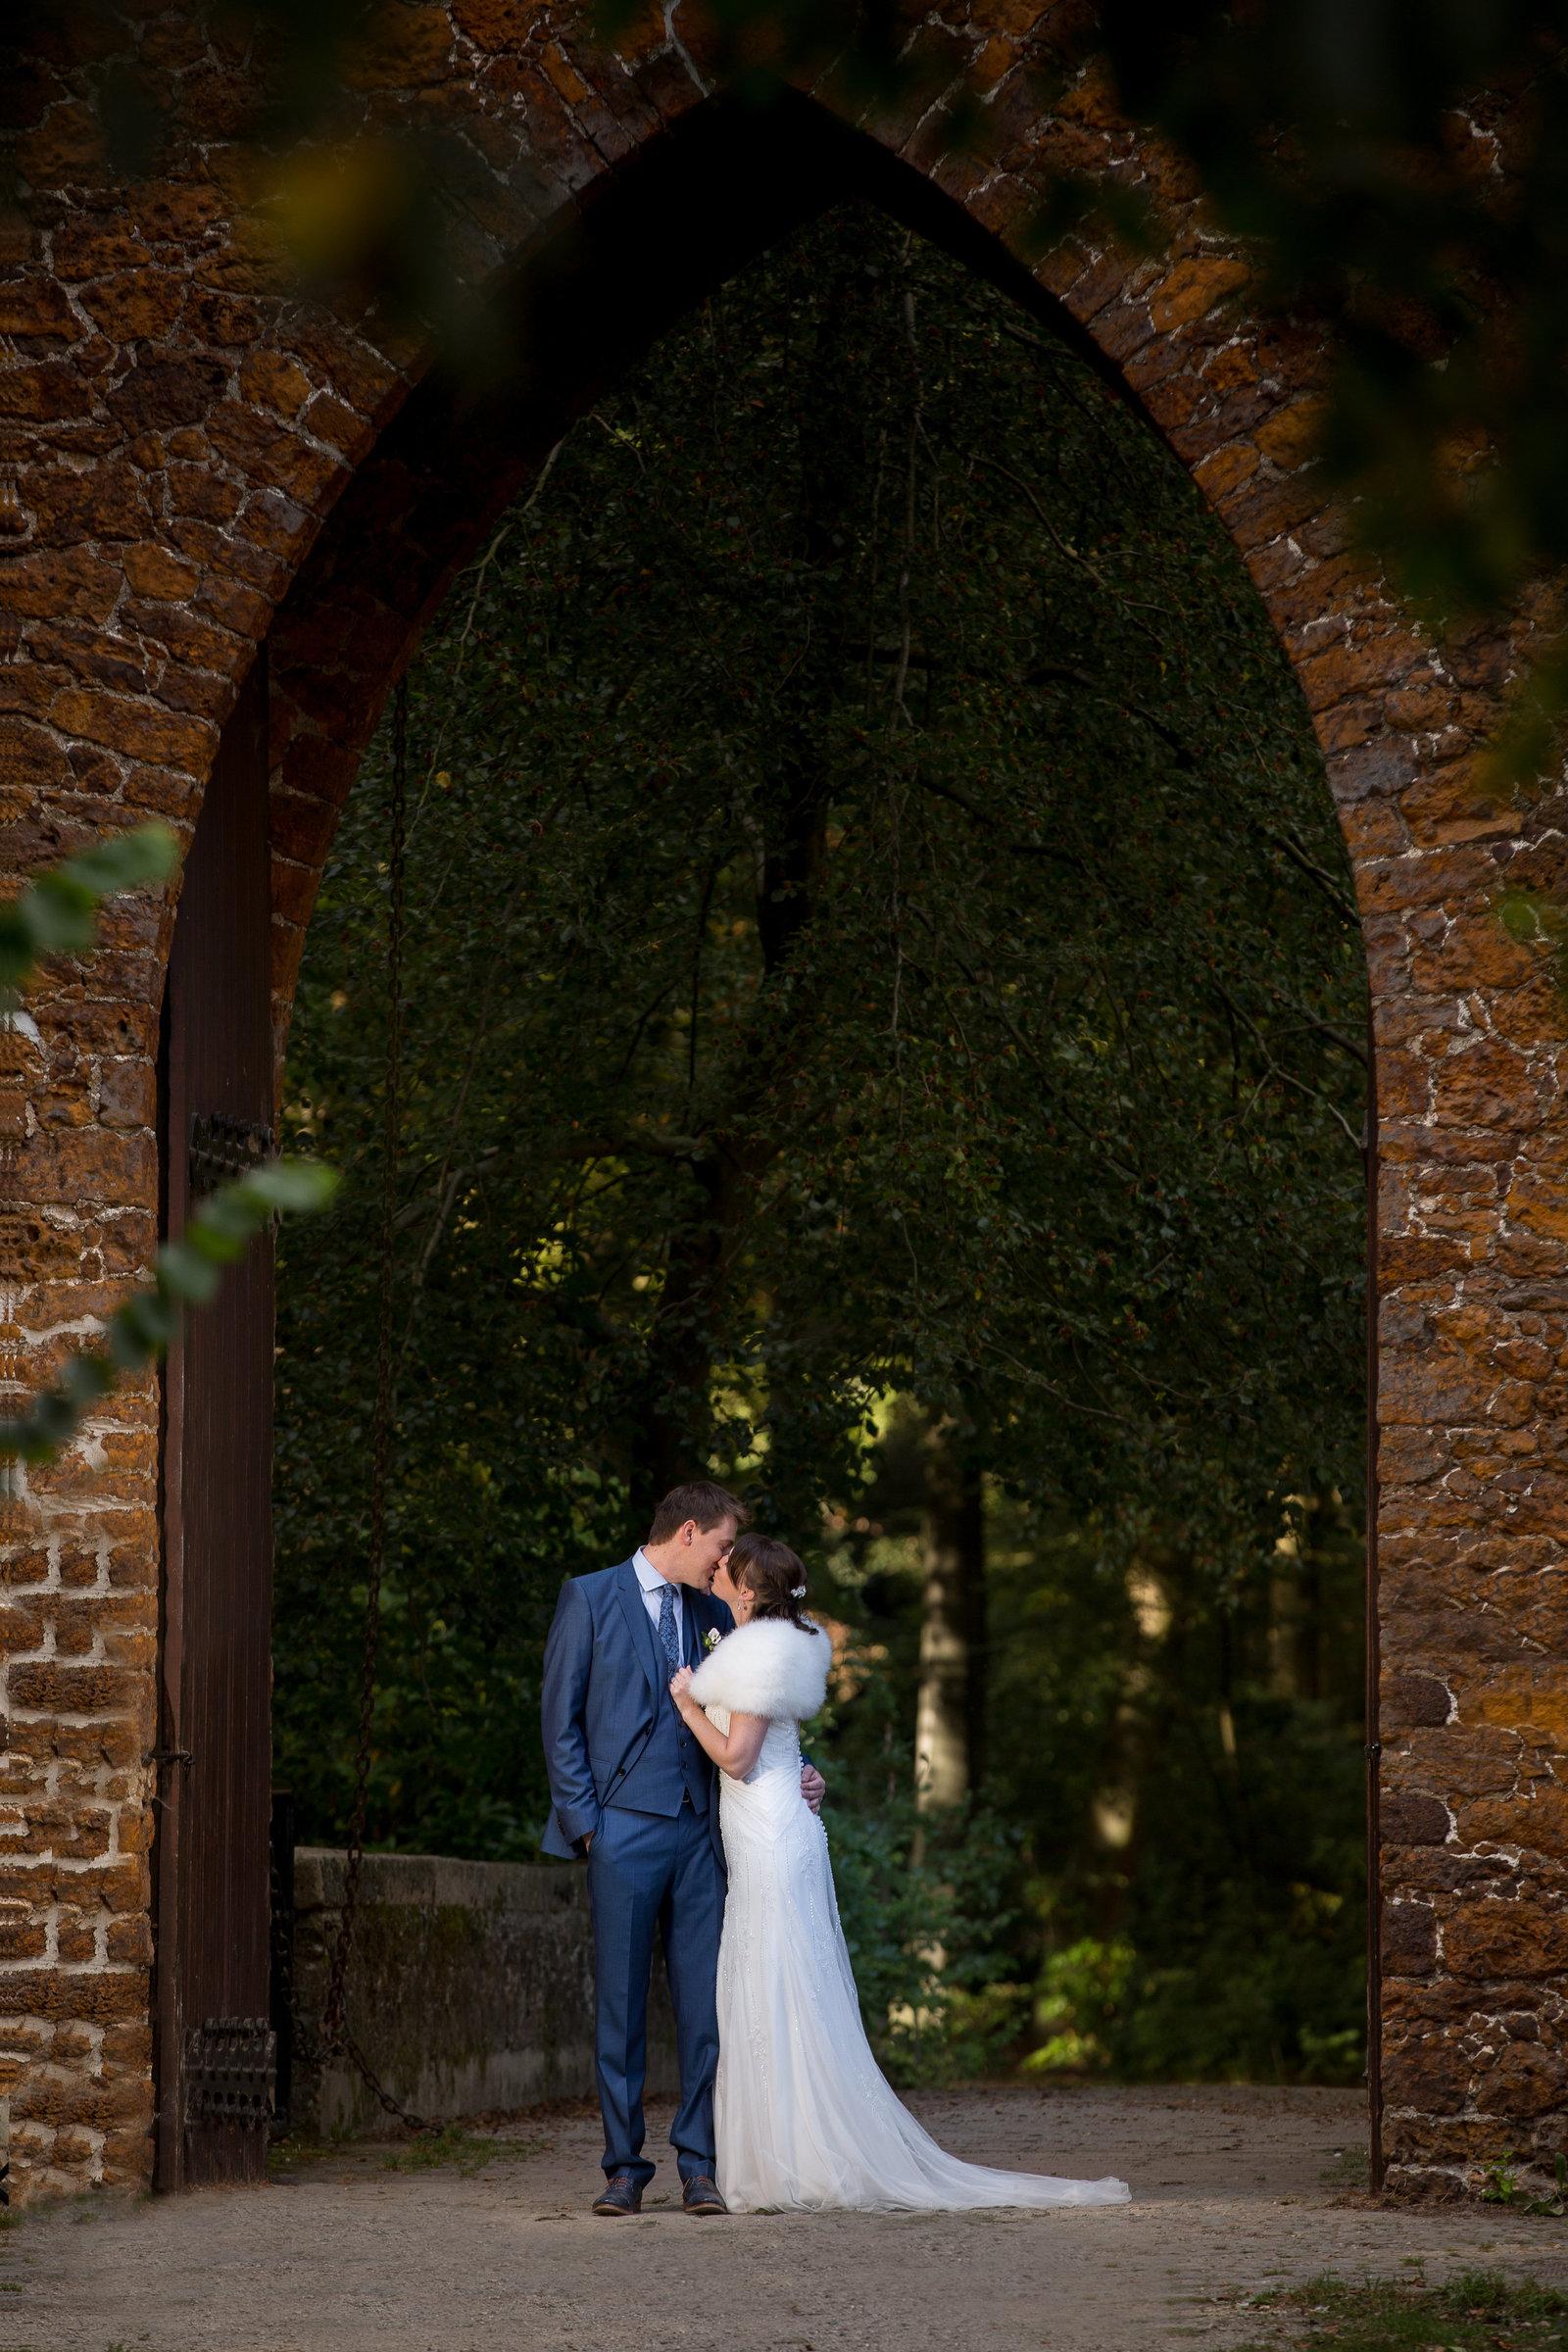 flinckheuvel huwelijk Saartje en Michael shoot foto